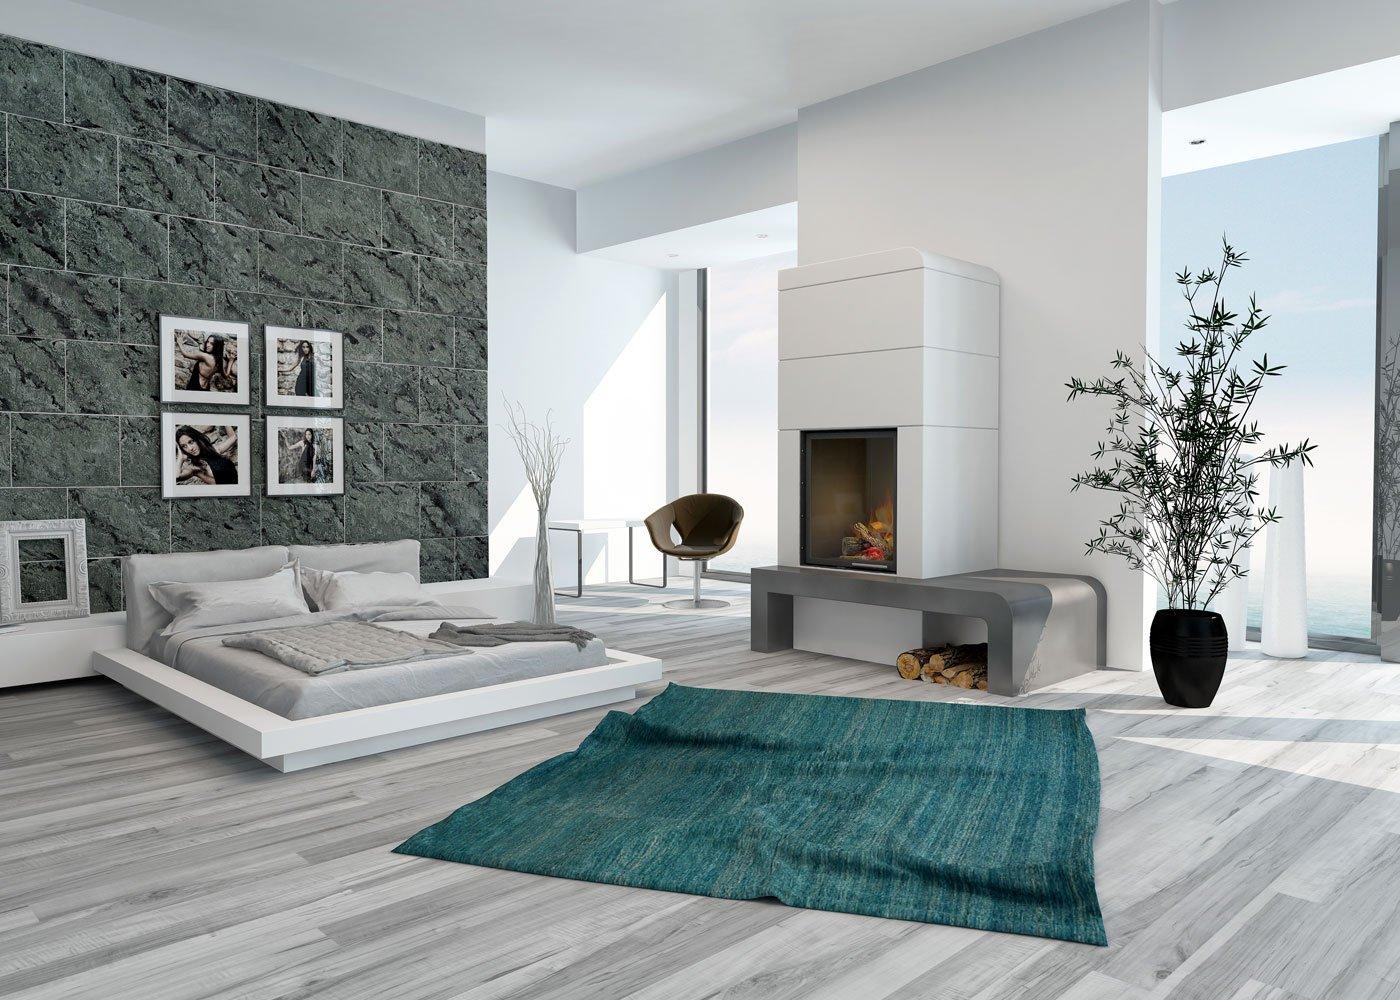 Acclimate-laminate-flooring